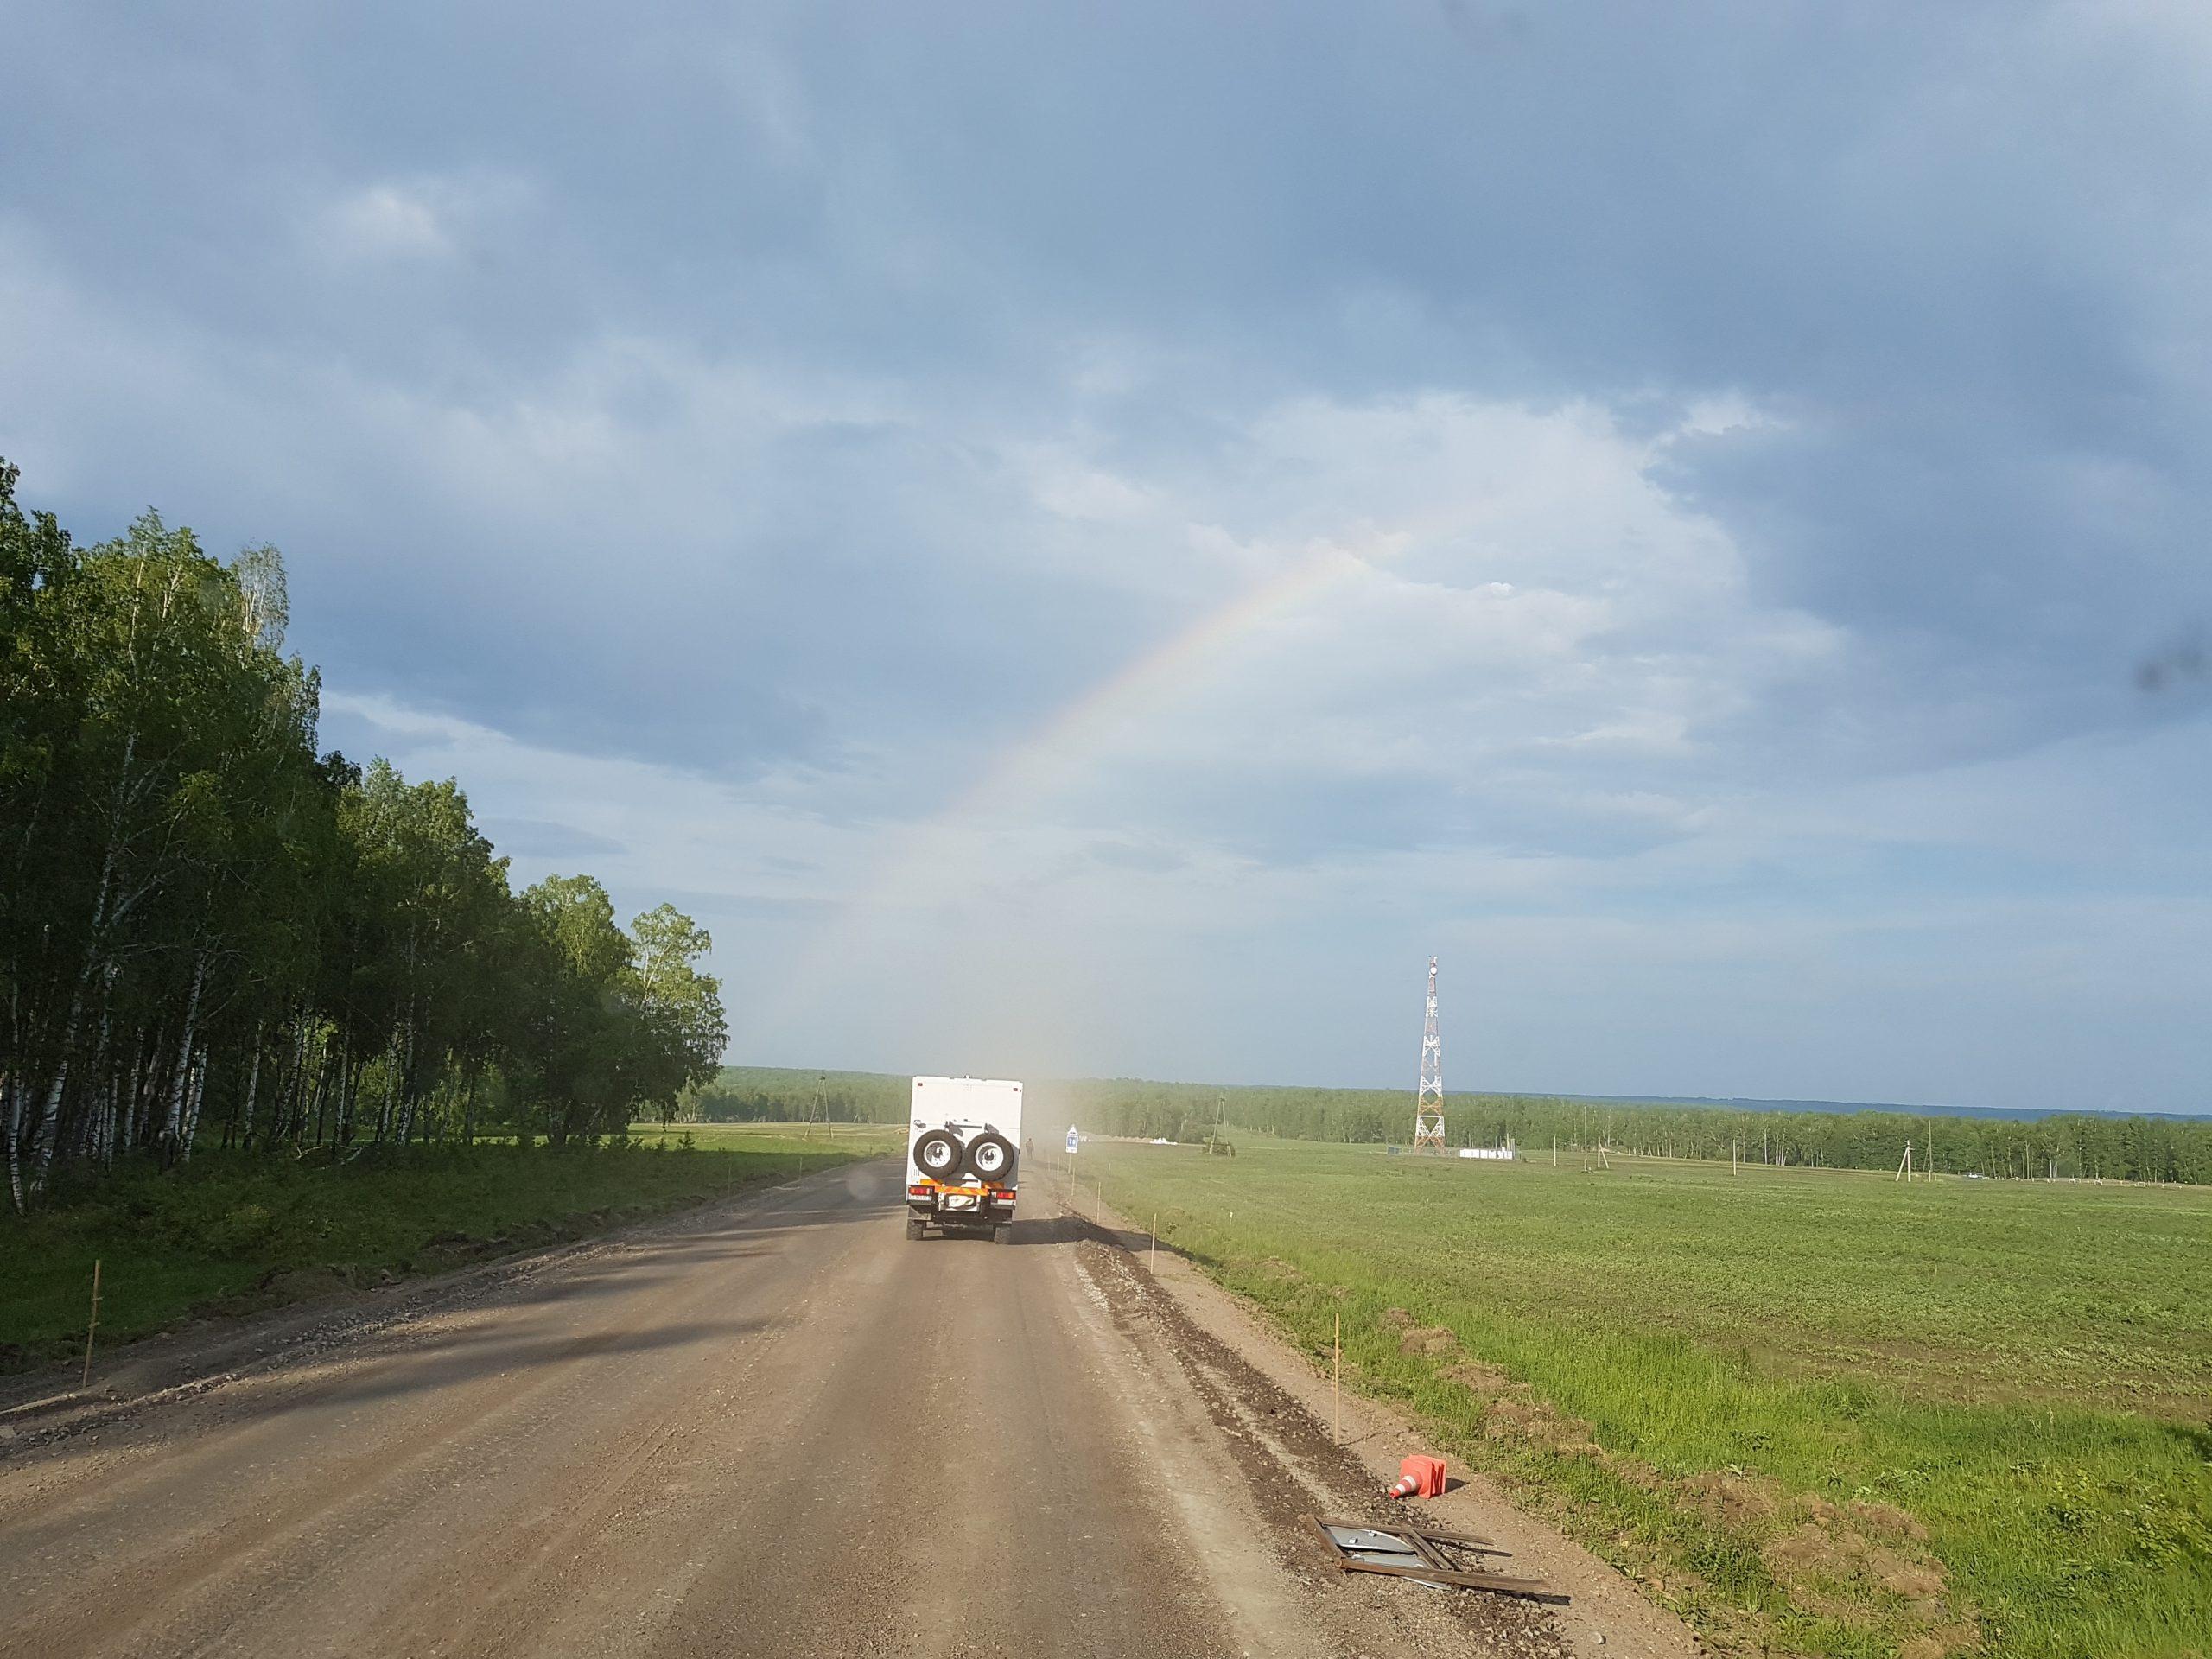 De Kemerovo à Irkoutsk - jours 4 et 5